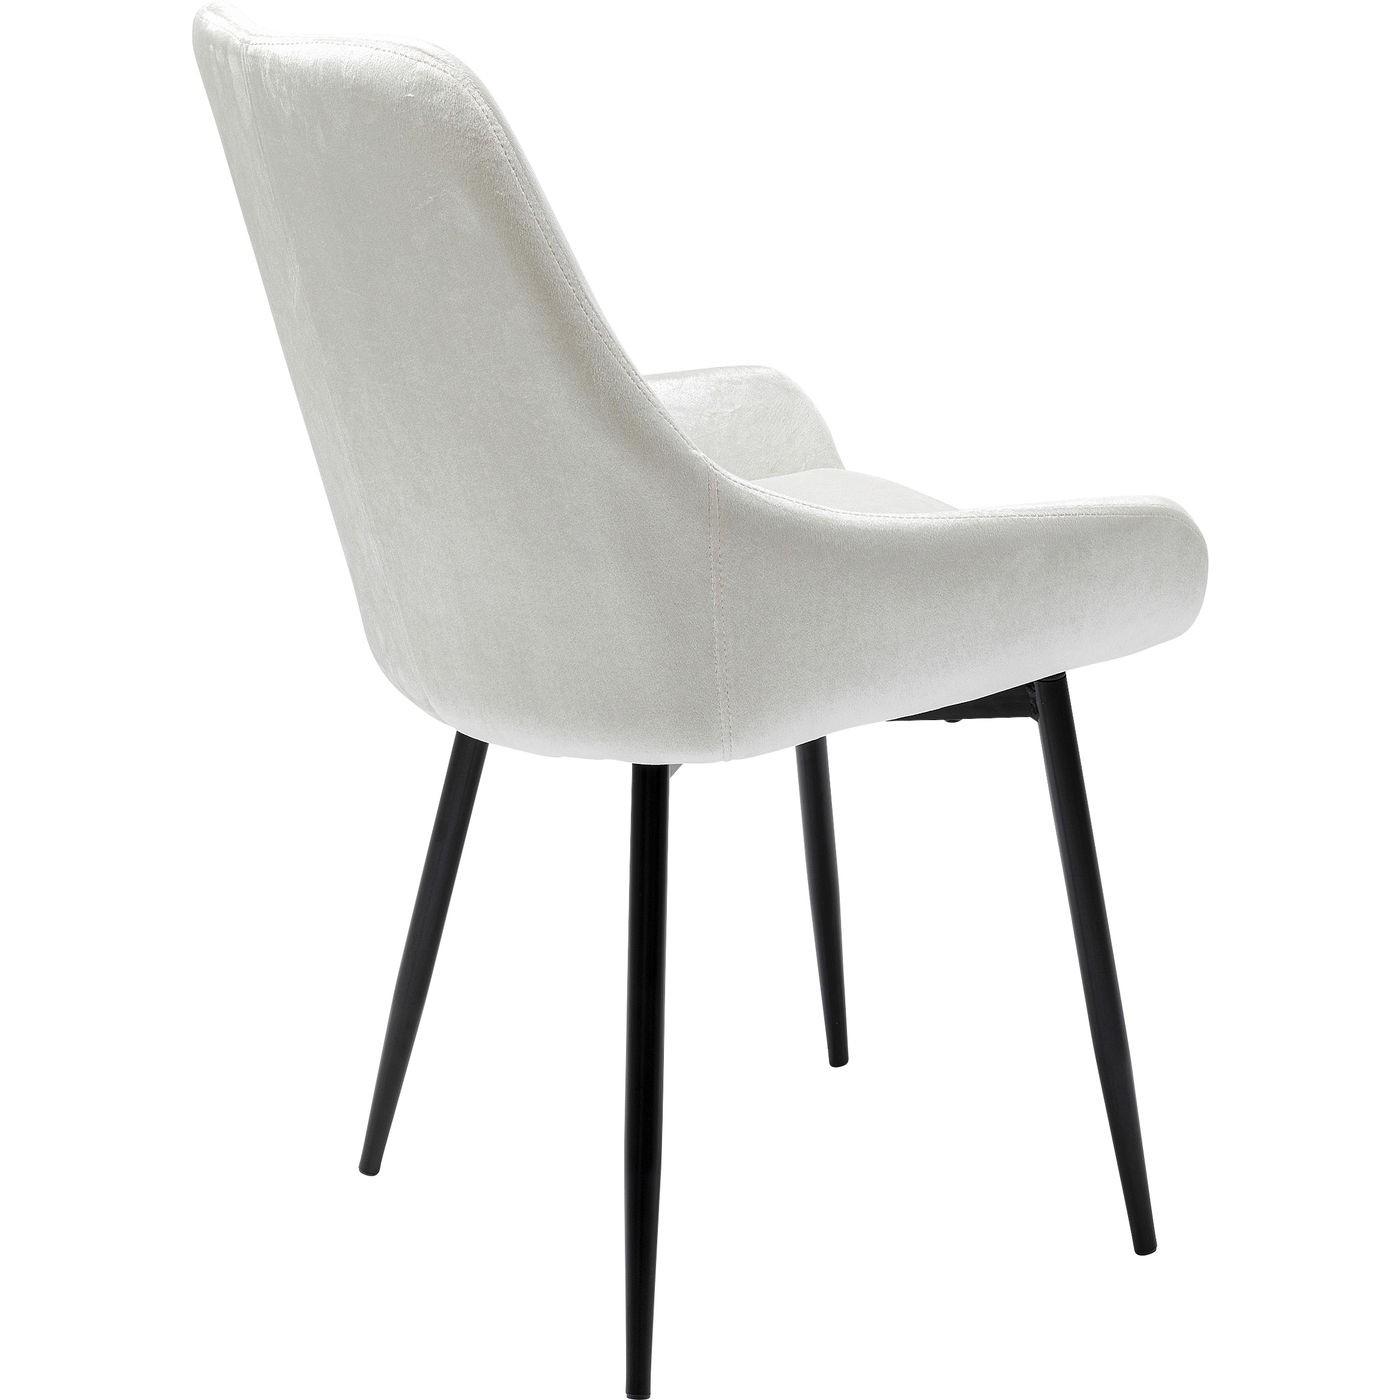 KARE DESIGN East Side Silvergrey XL spisebordsstol sølv polyester og stål